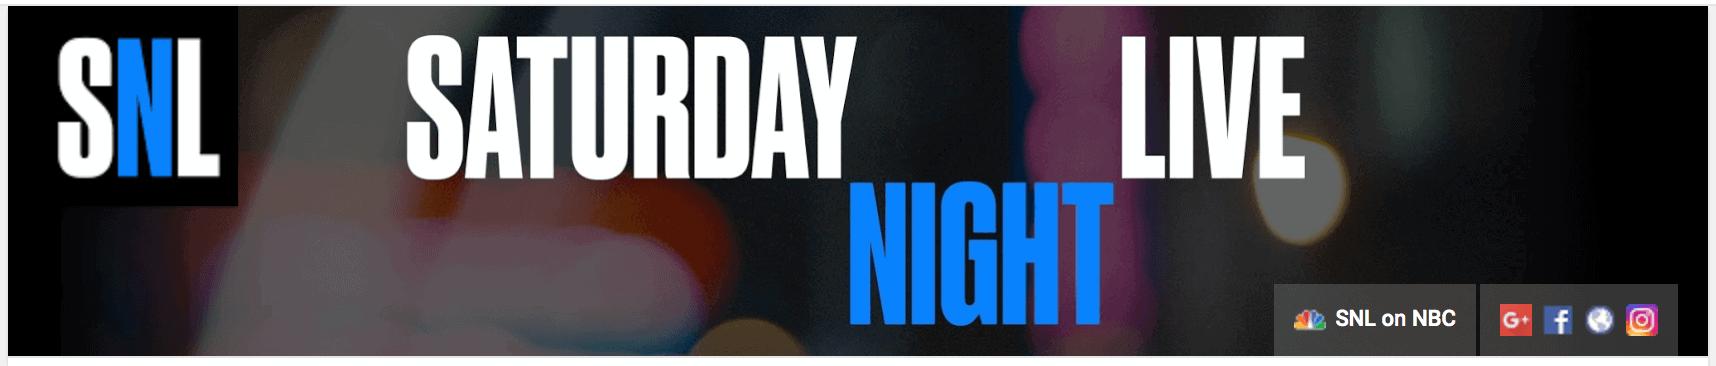 SNL youtube banner art example